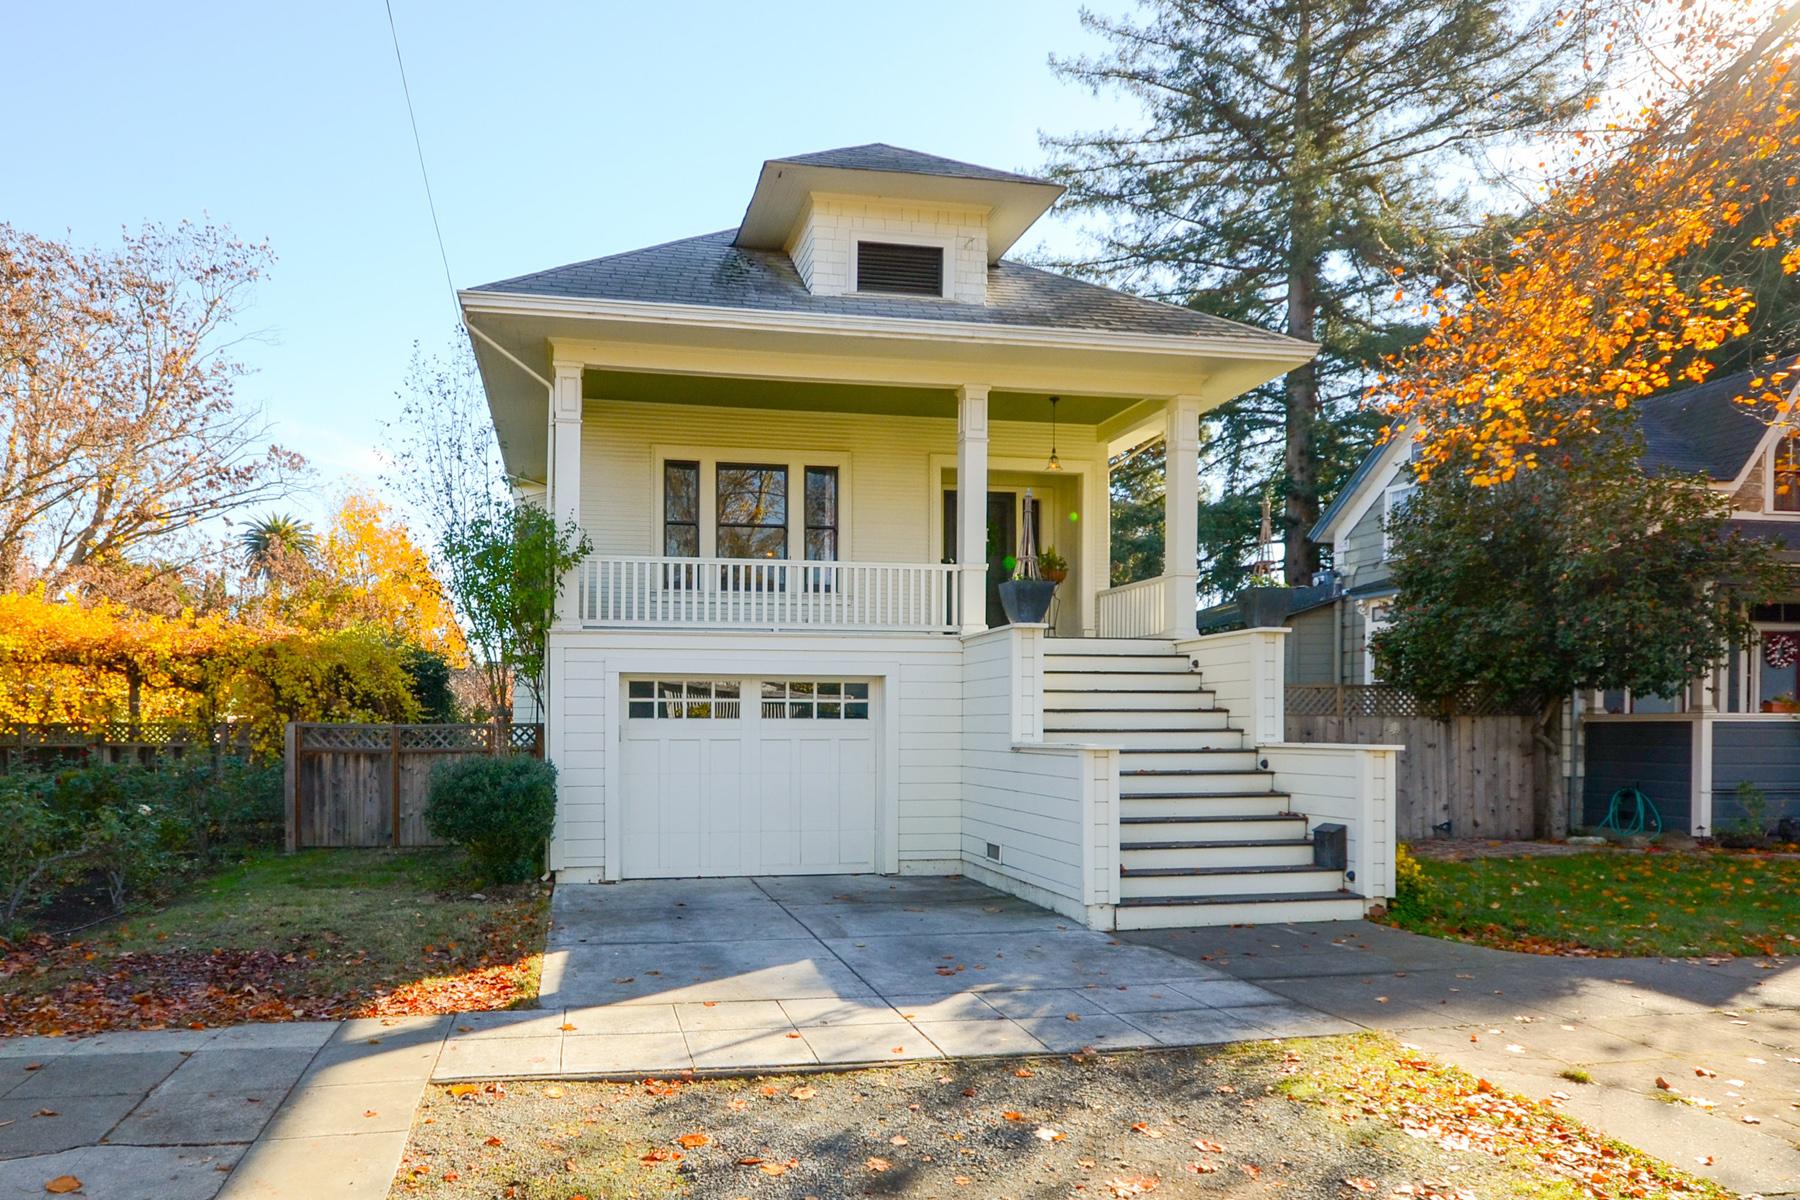 Casa Unifamiliar por un Venta en 466 Franklin St, Napa, CA 94559 466 Franklin St Napa, California 94559 Estados Unidos